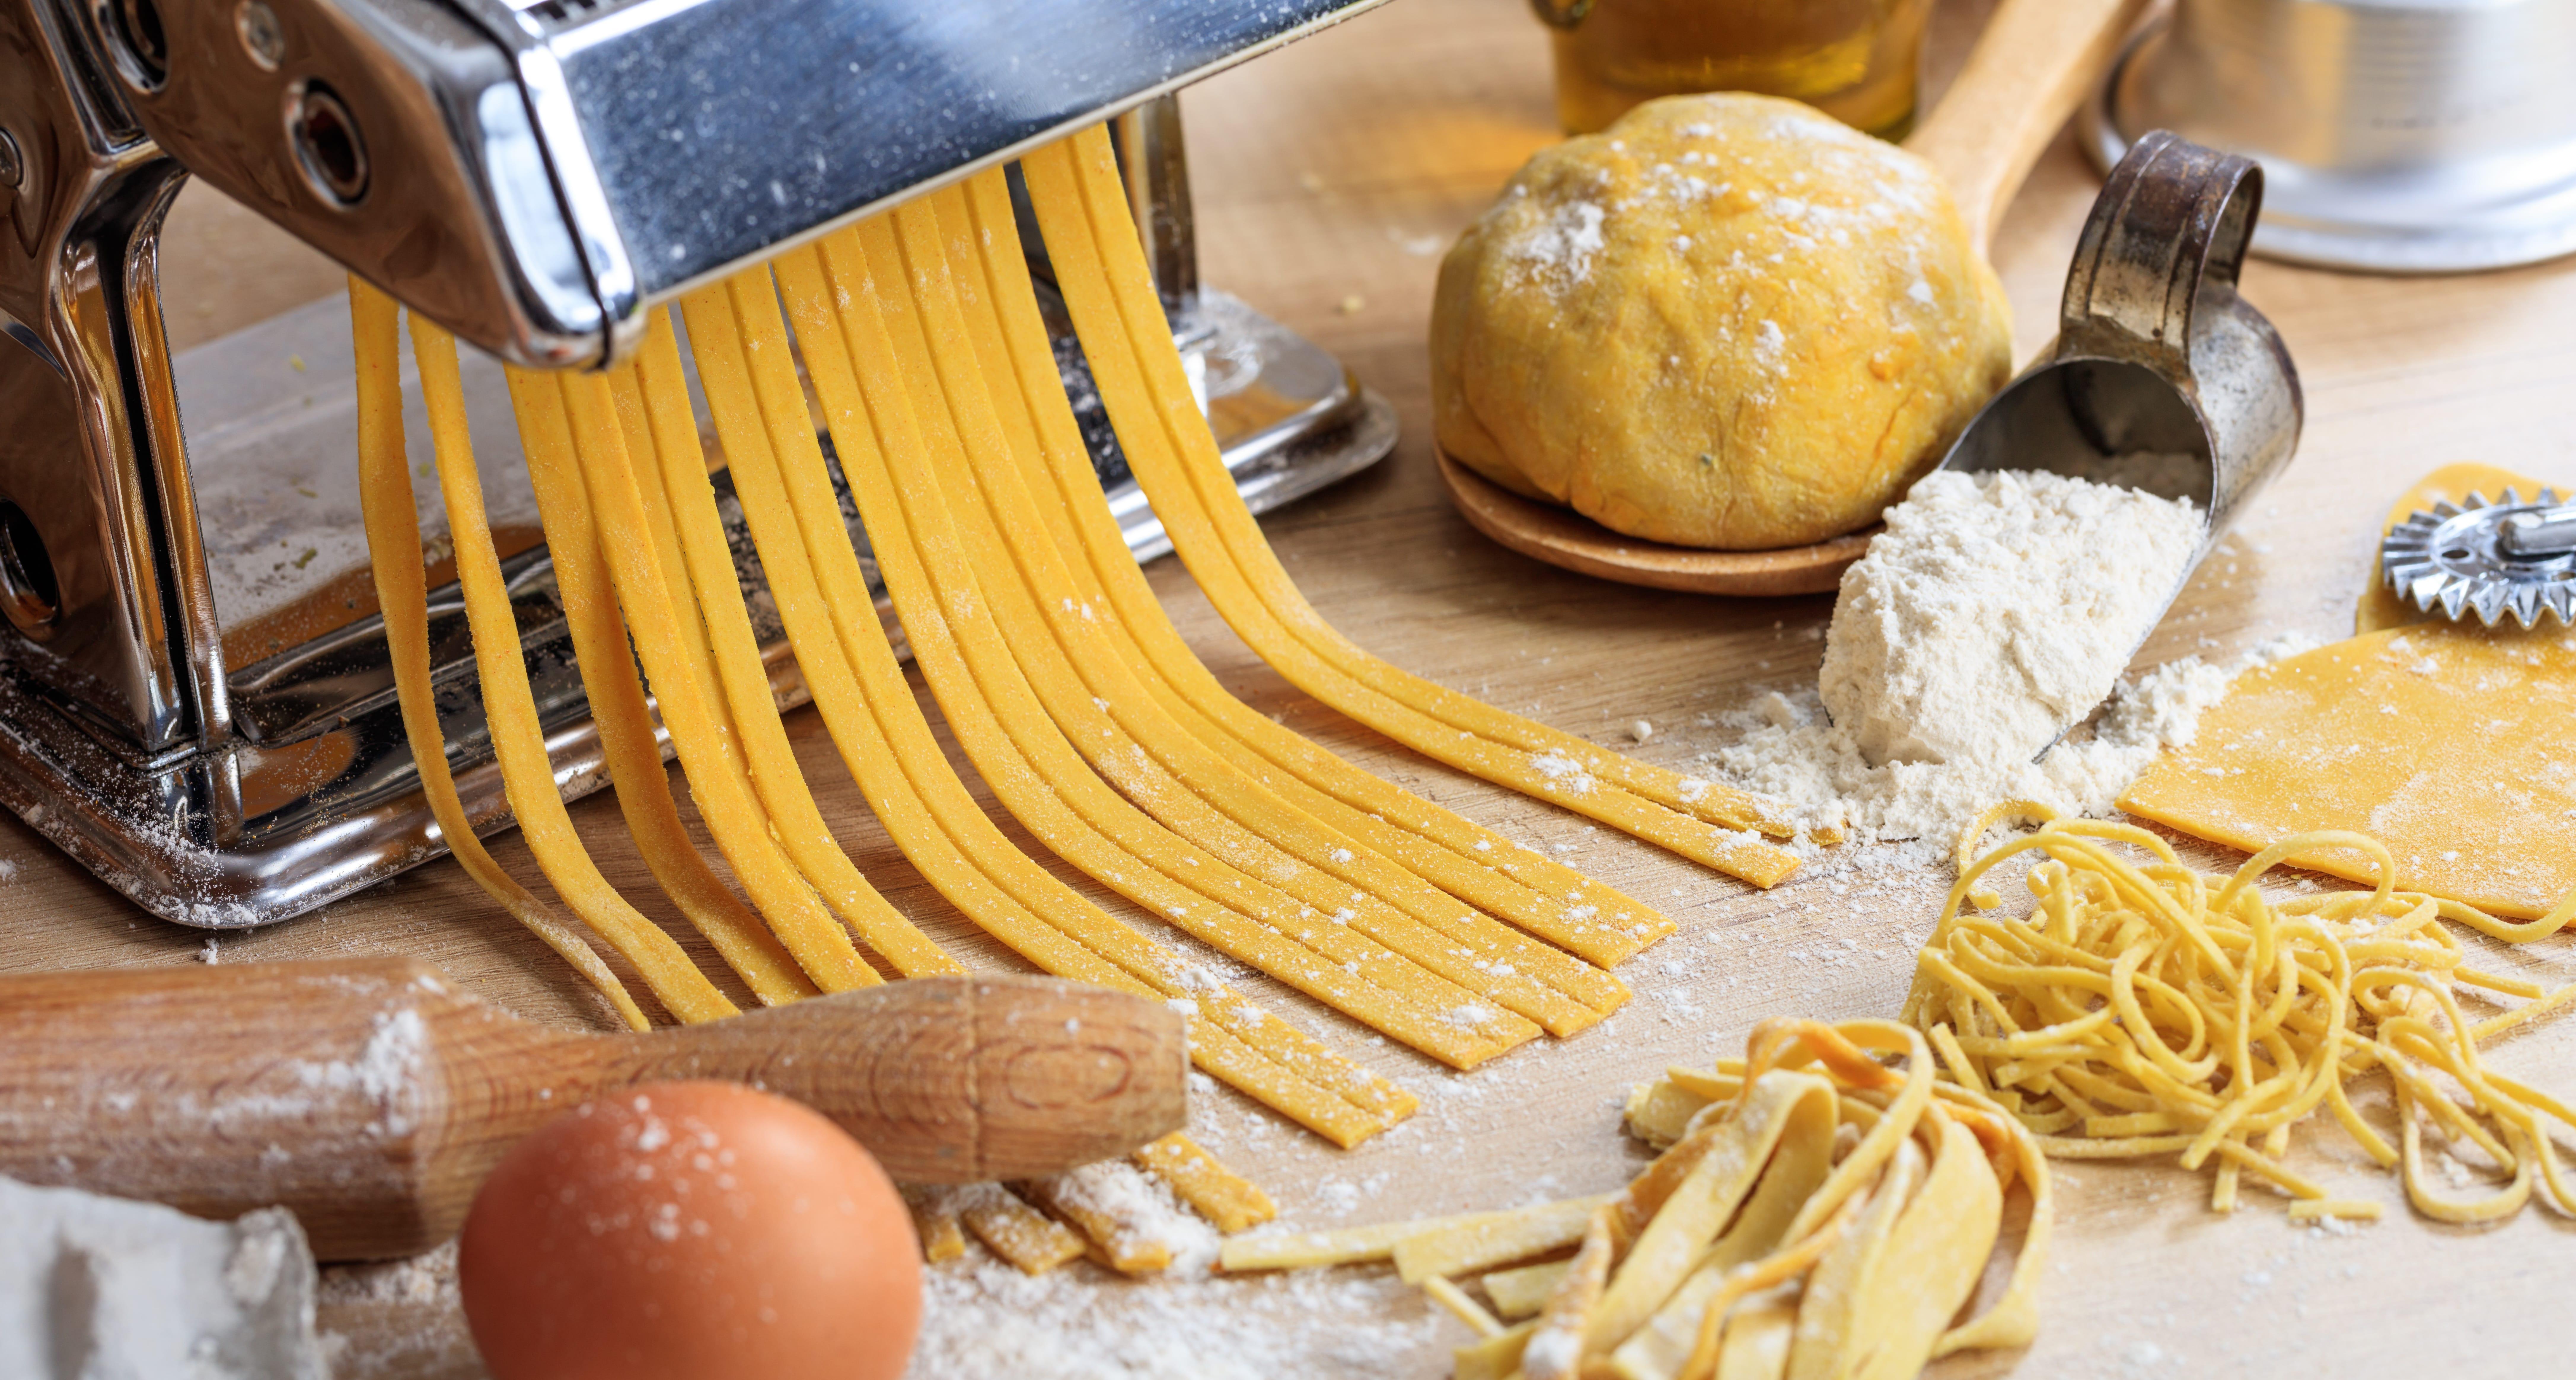 Nudeln selber machen: Einfaches Teig-Rezept & Pasta-Tricks